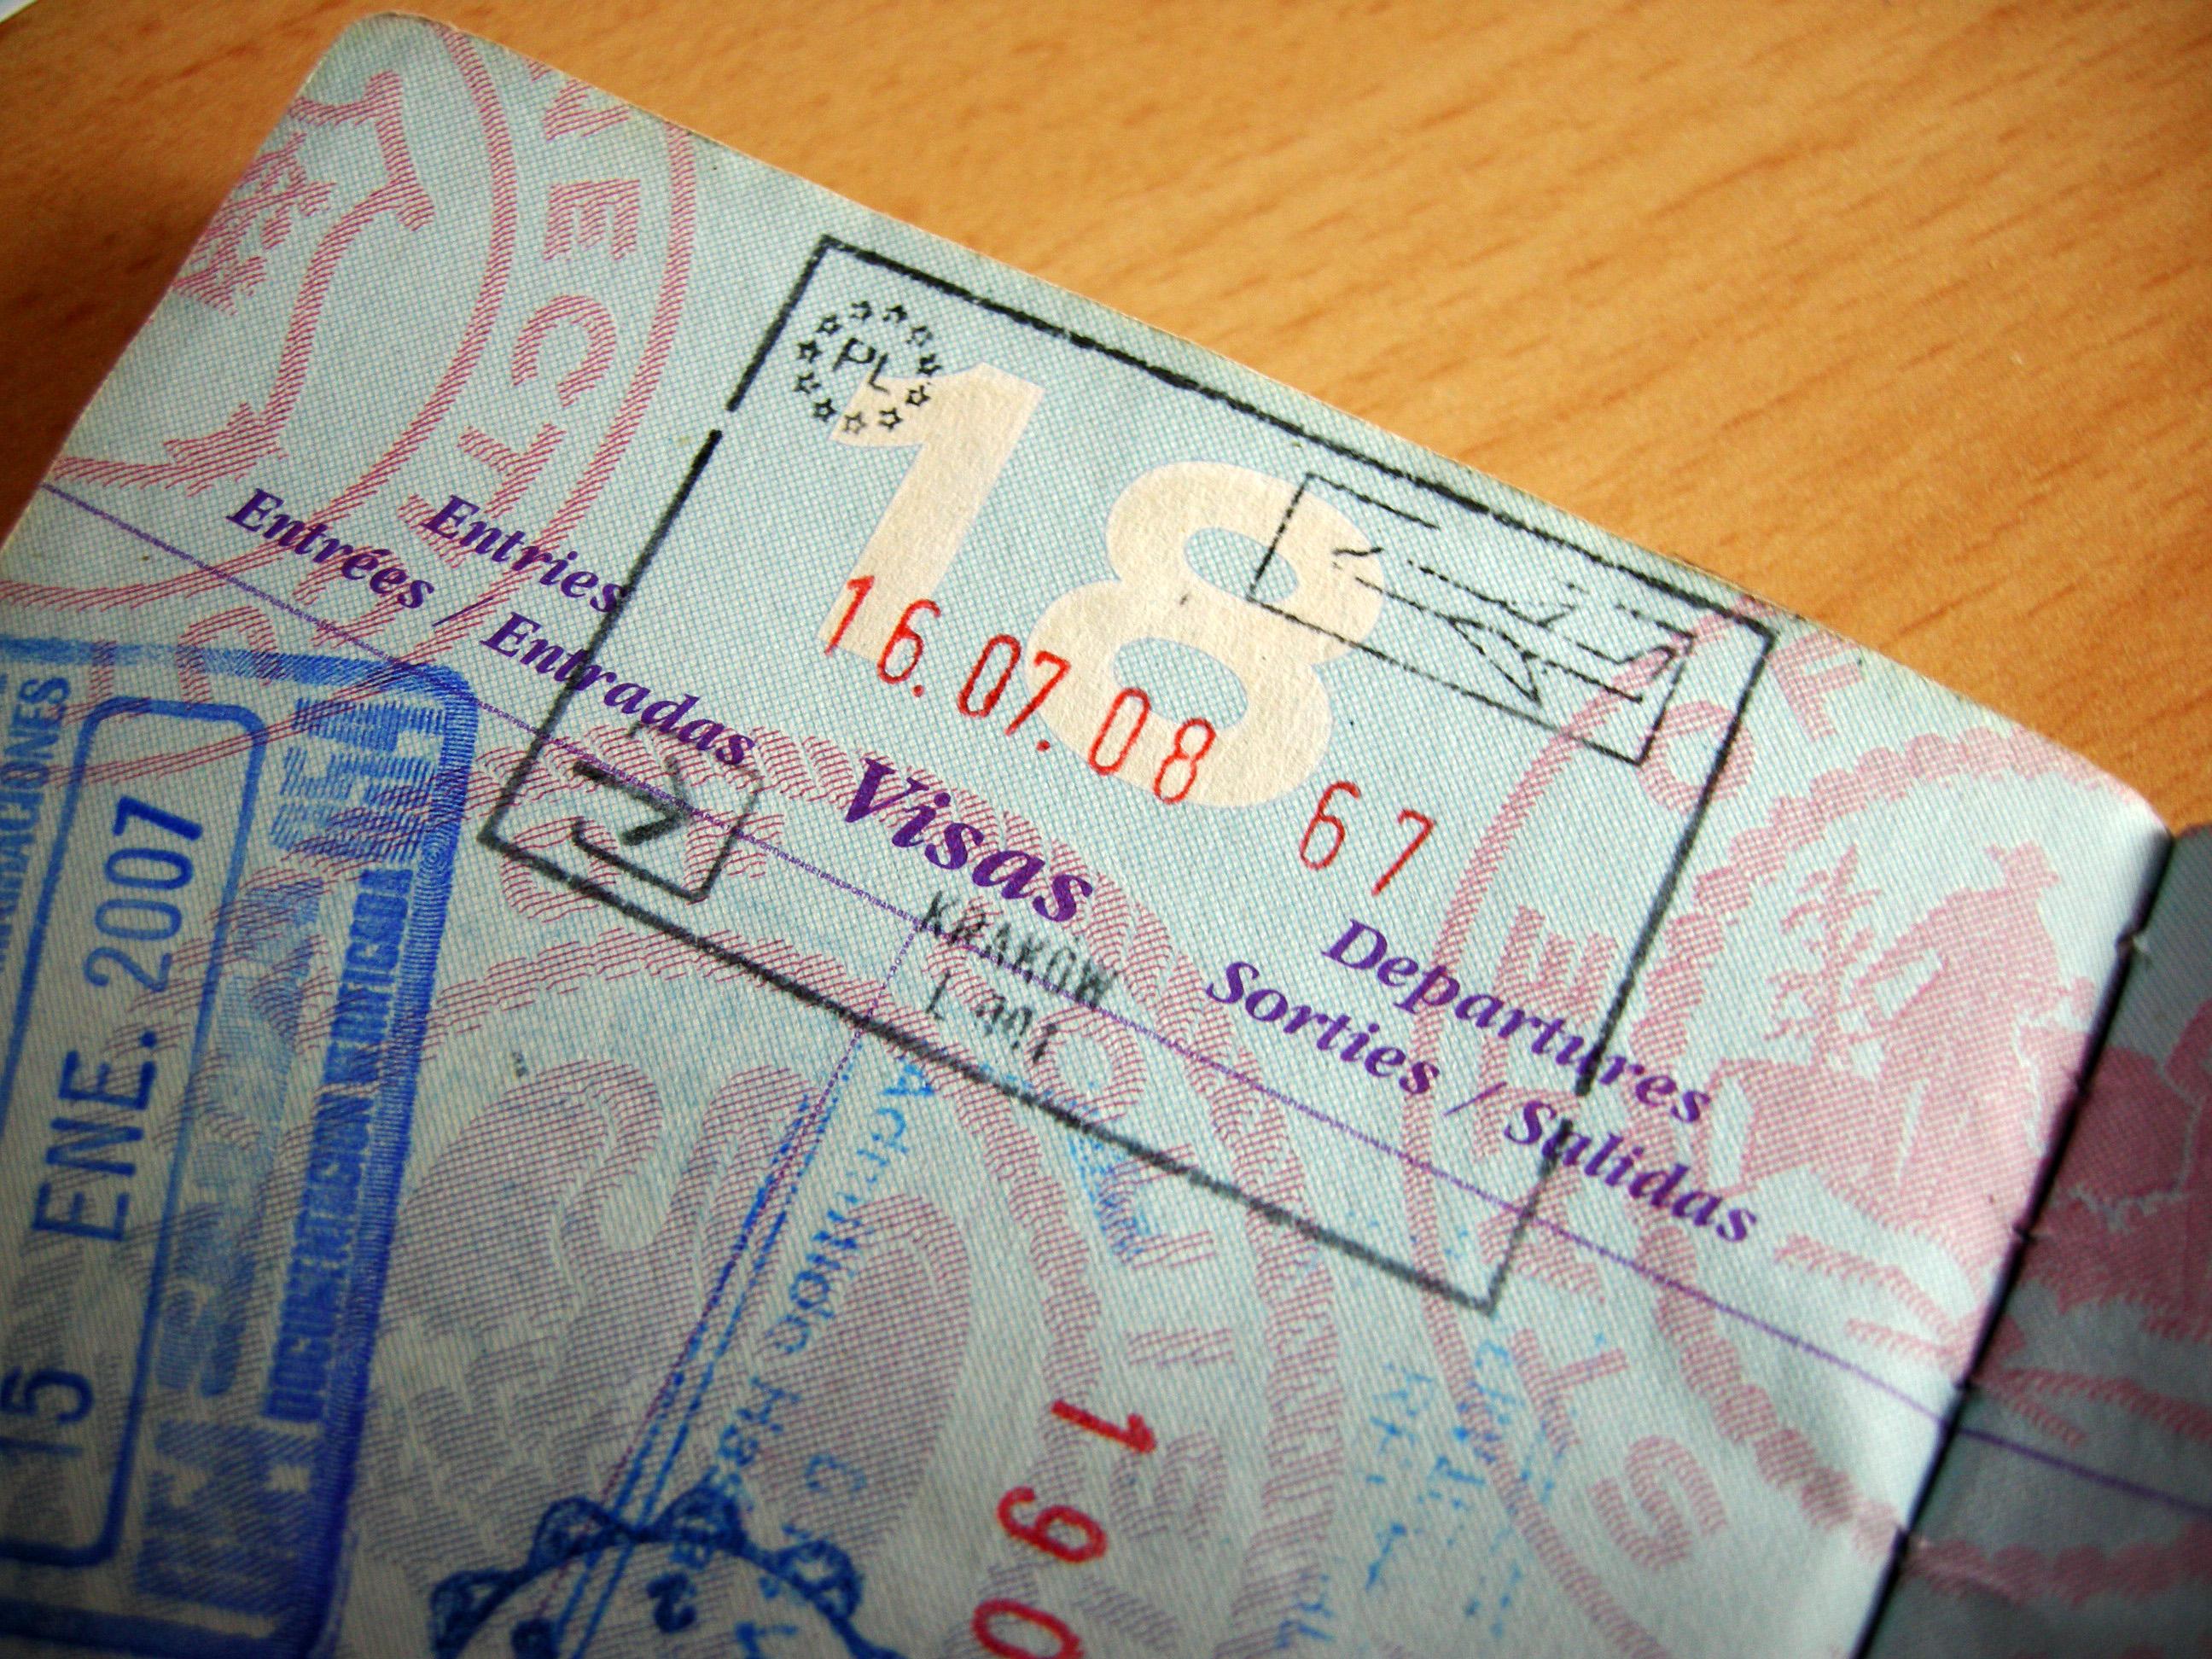 FilePoland Krakow Passport StampJPG